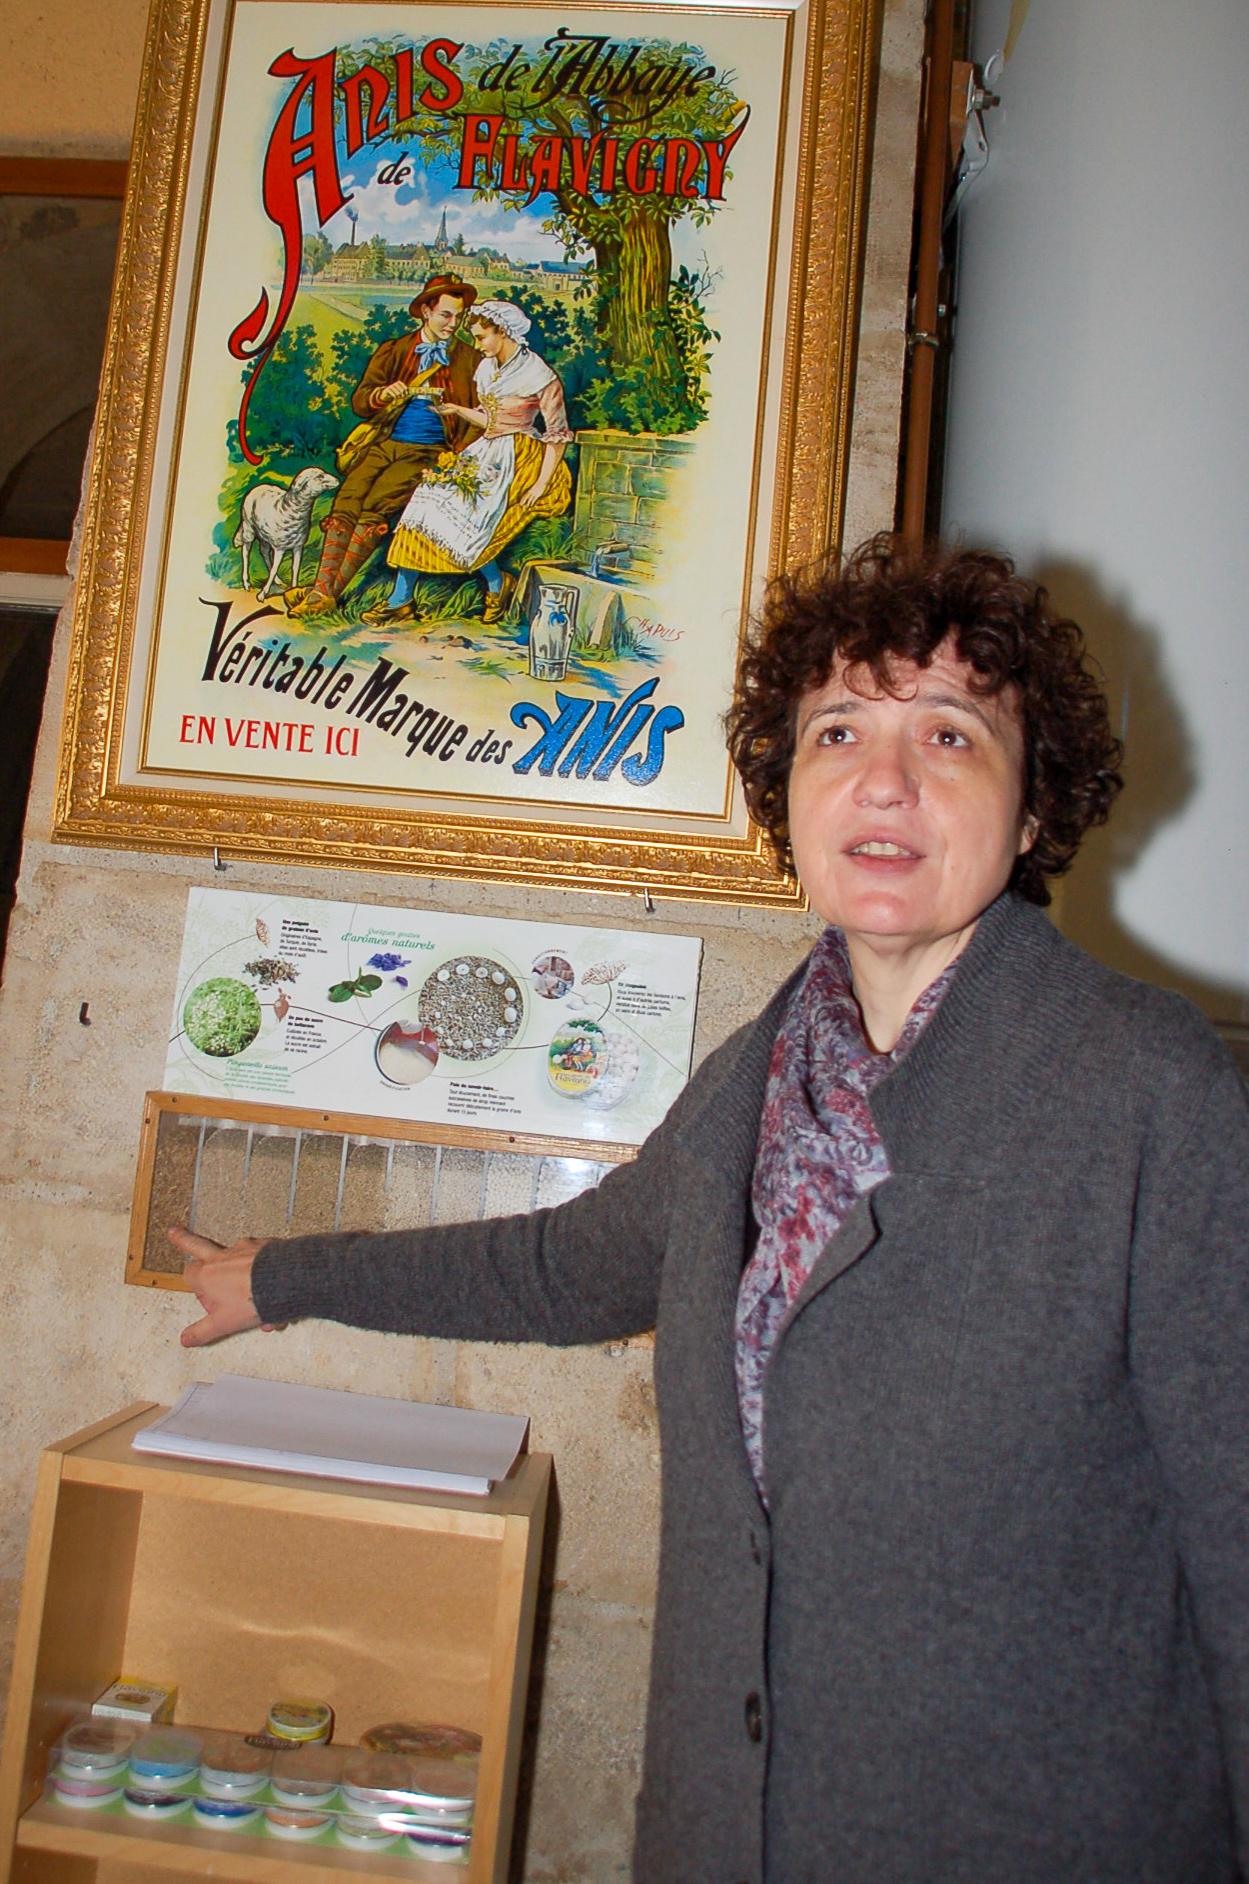 Catherine Troubat vor einem alten Firmenschild von Les Anis de Flavigny